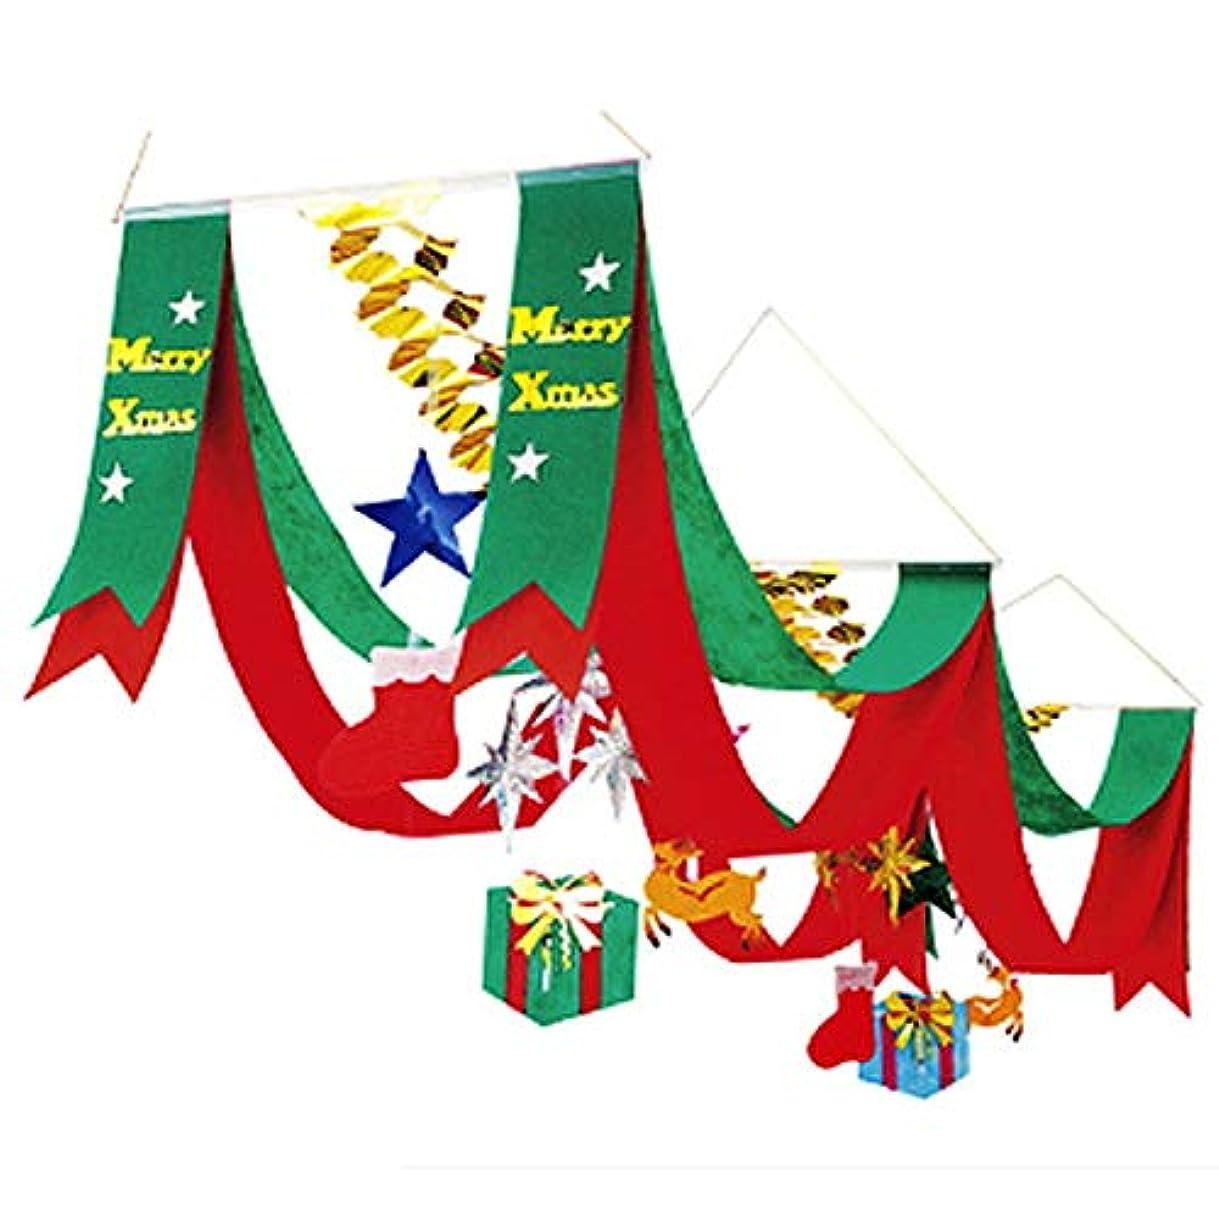 好みクルーズ化学薬品クリスマス装飾 クリスマスペナント プレゼントプリーツ2連ハンガー L180cm  7051